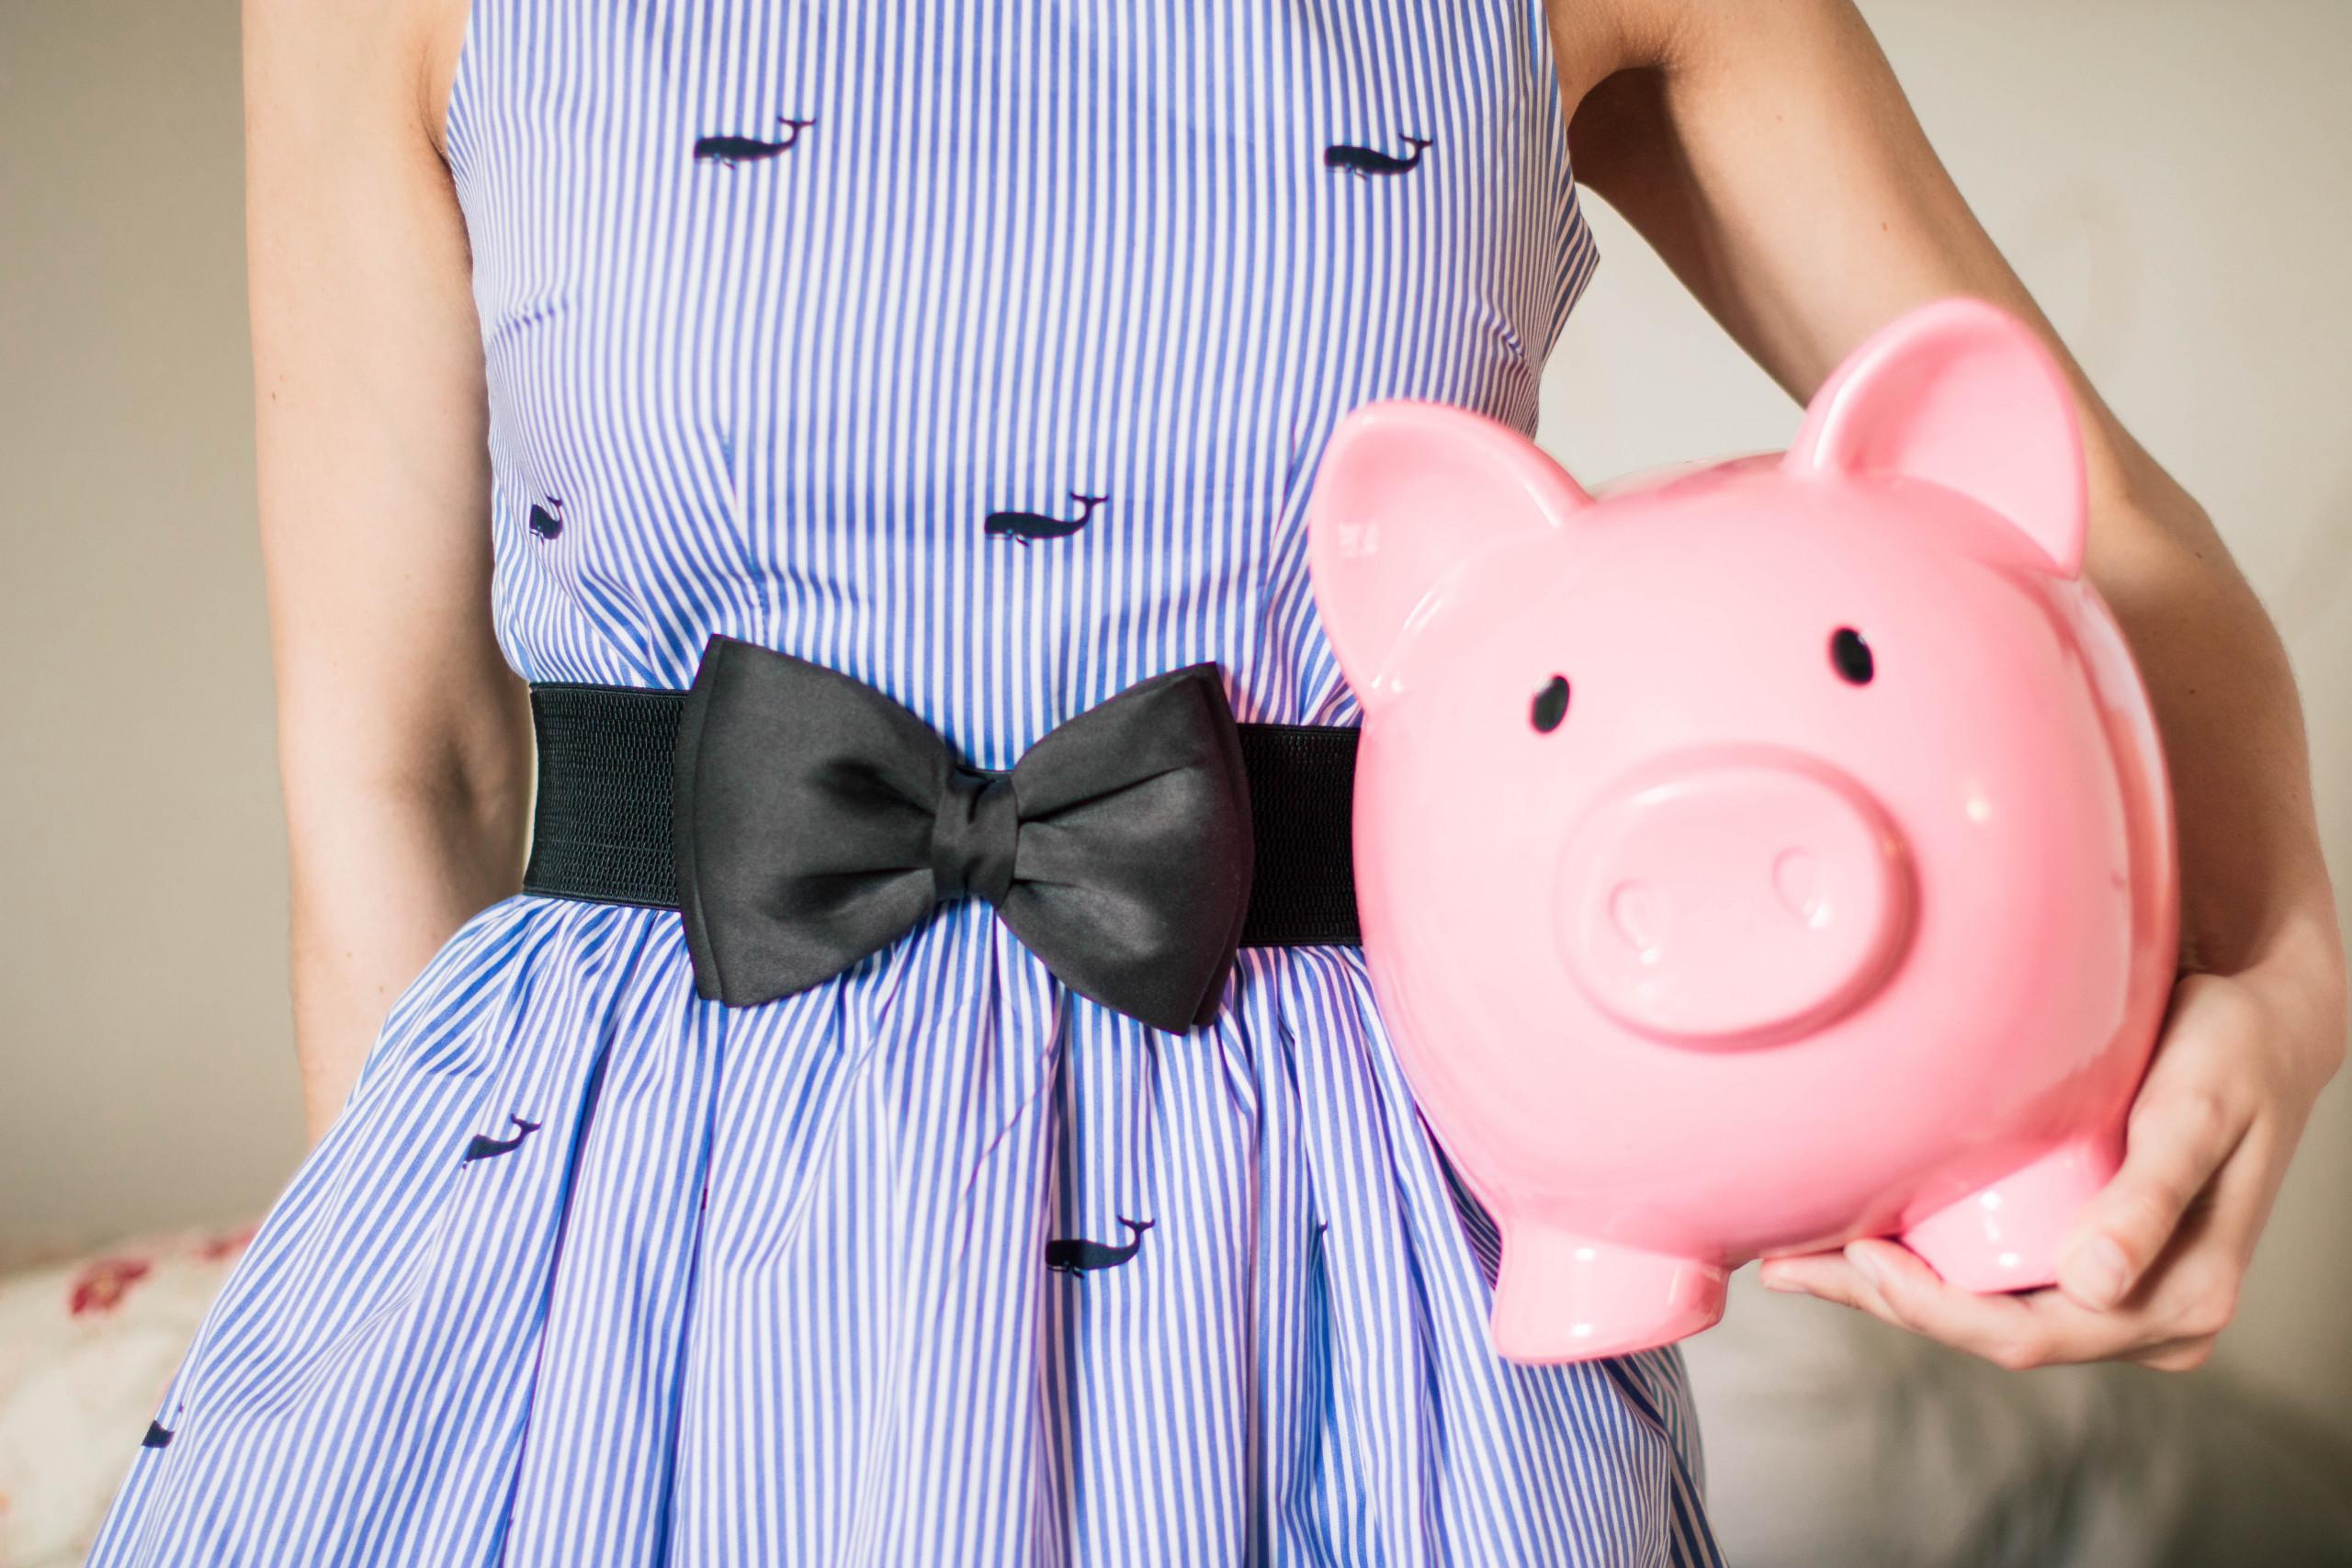 Eine Frau die ein Sparschwein hält